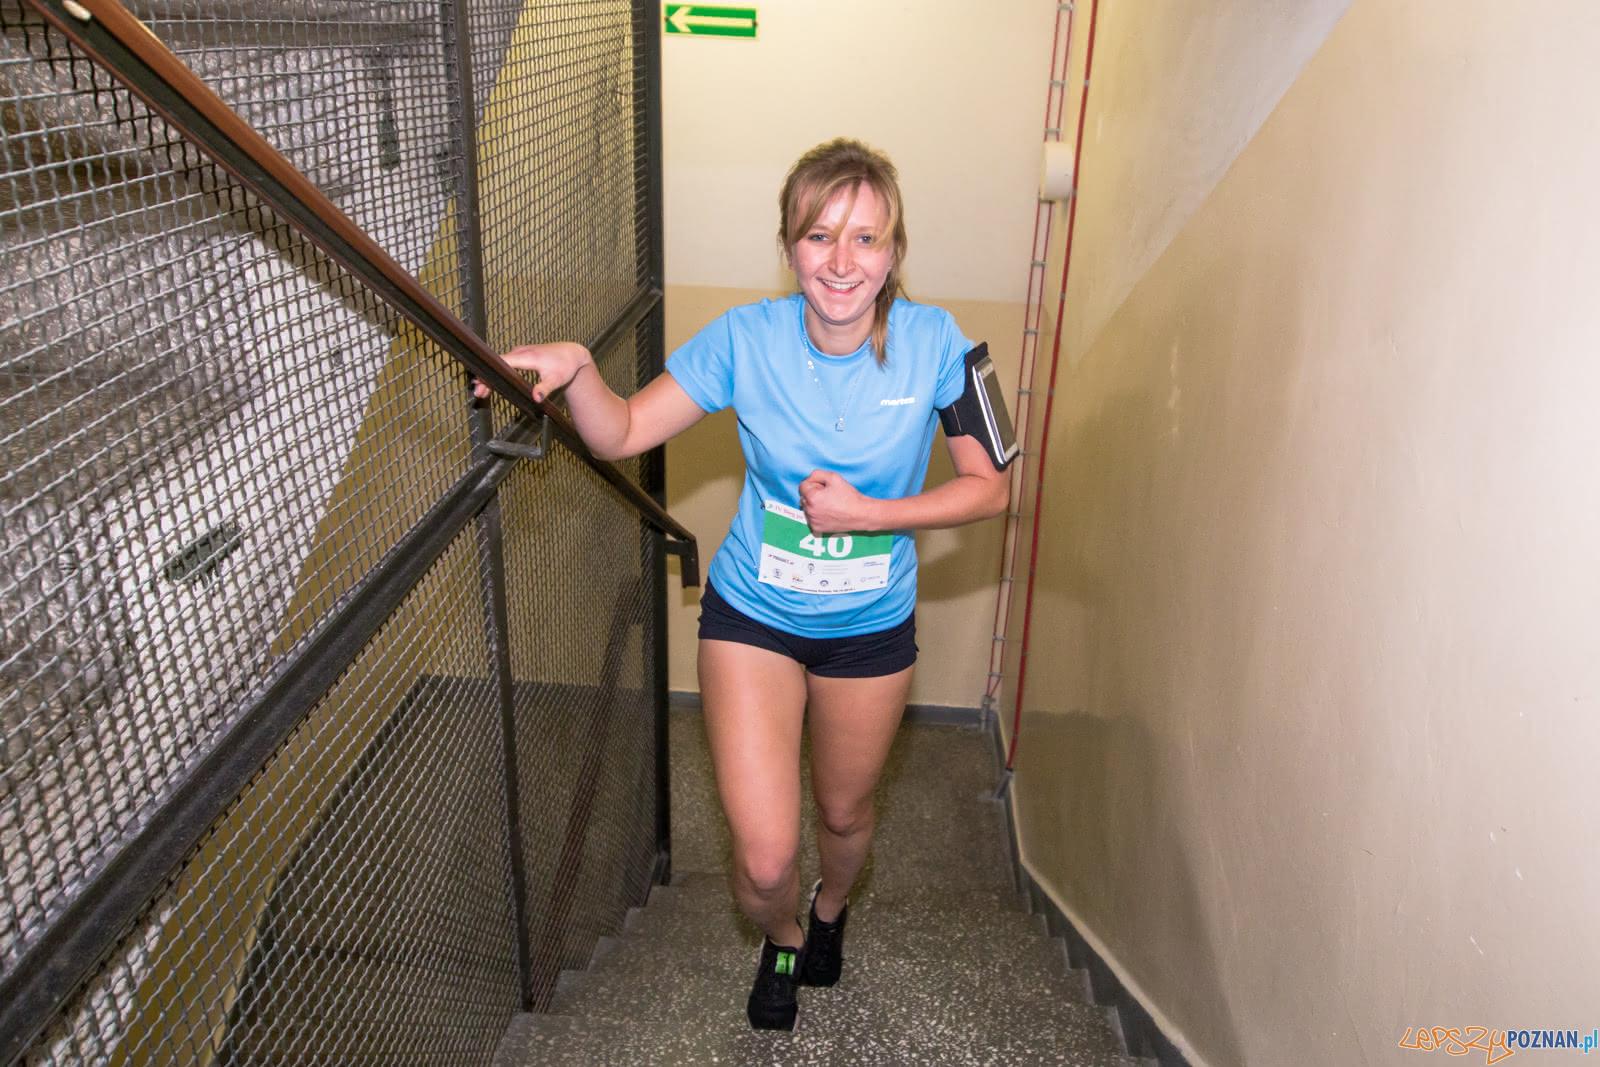 IV Bieg po schodach Collegium Altum